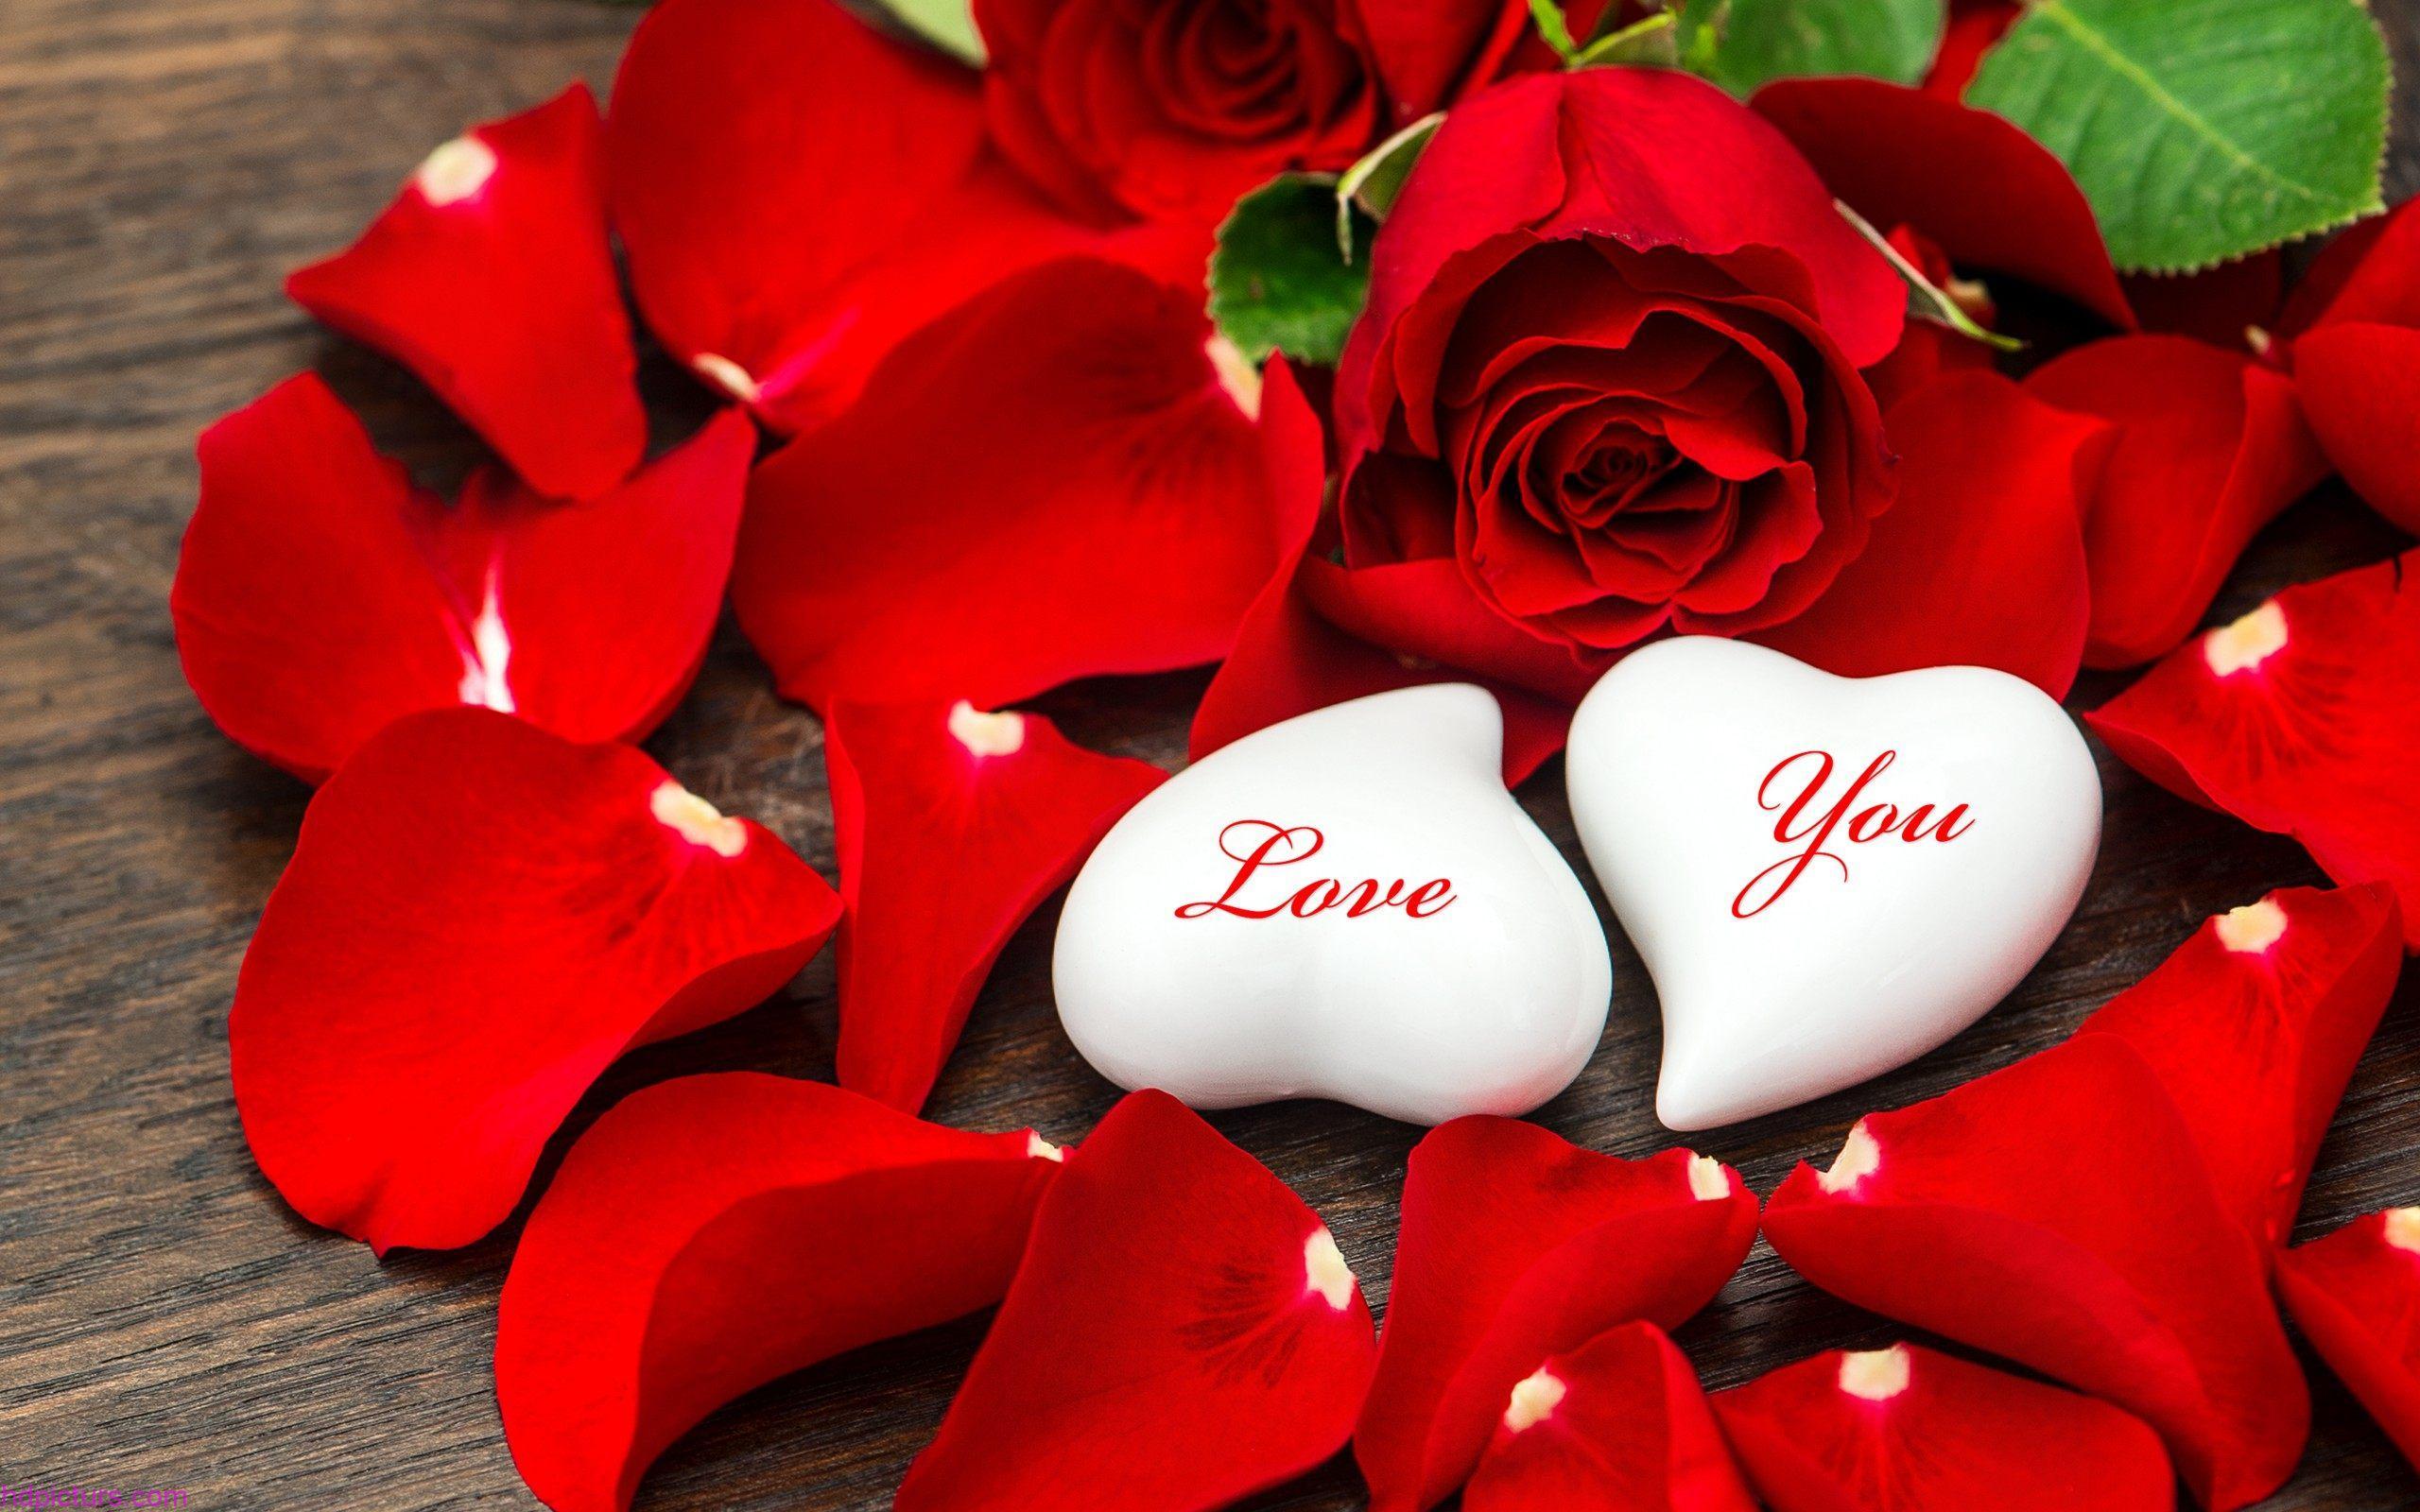 بالصور صور رومانسية احضان اجمل صور قلوب رومانسية , اروع صور عن الحب unnamed file 2556